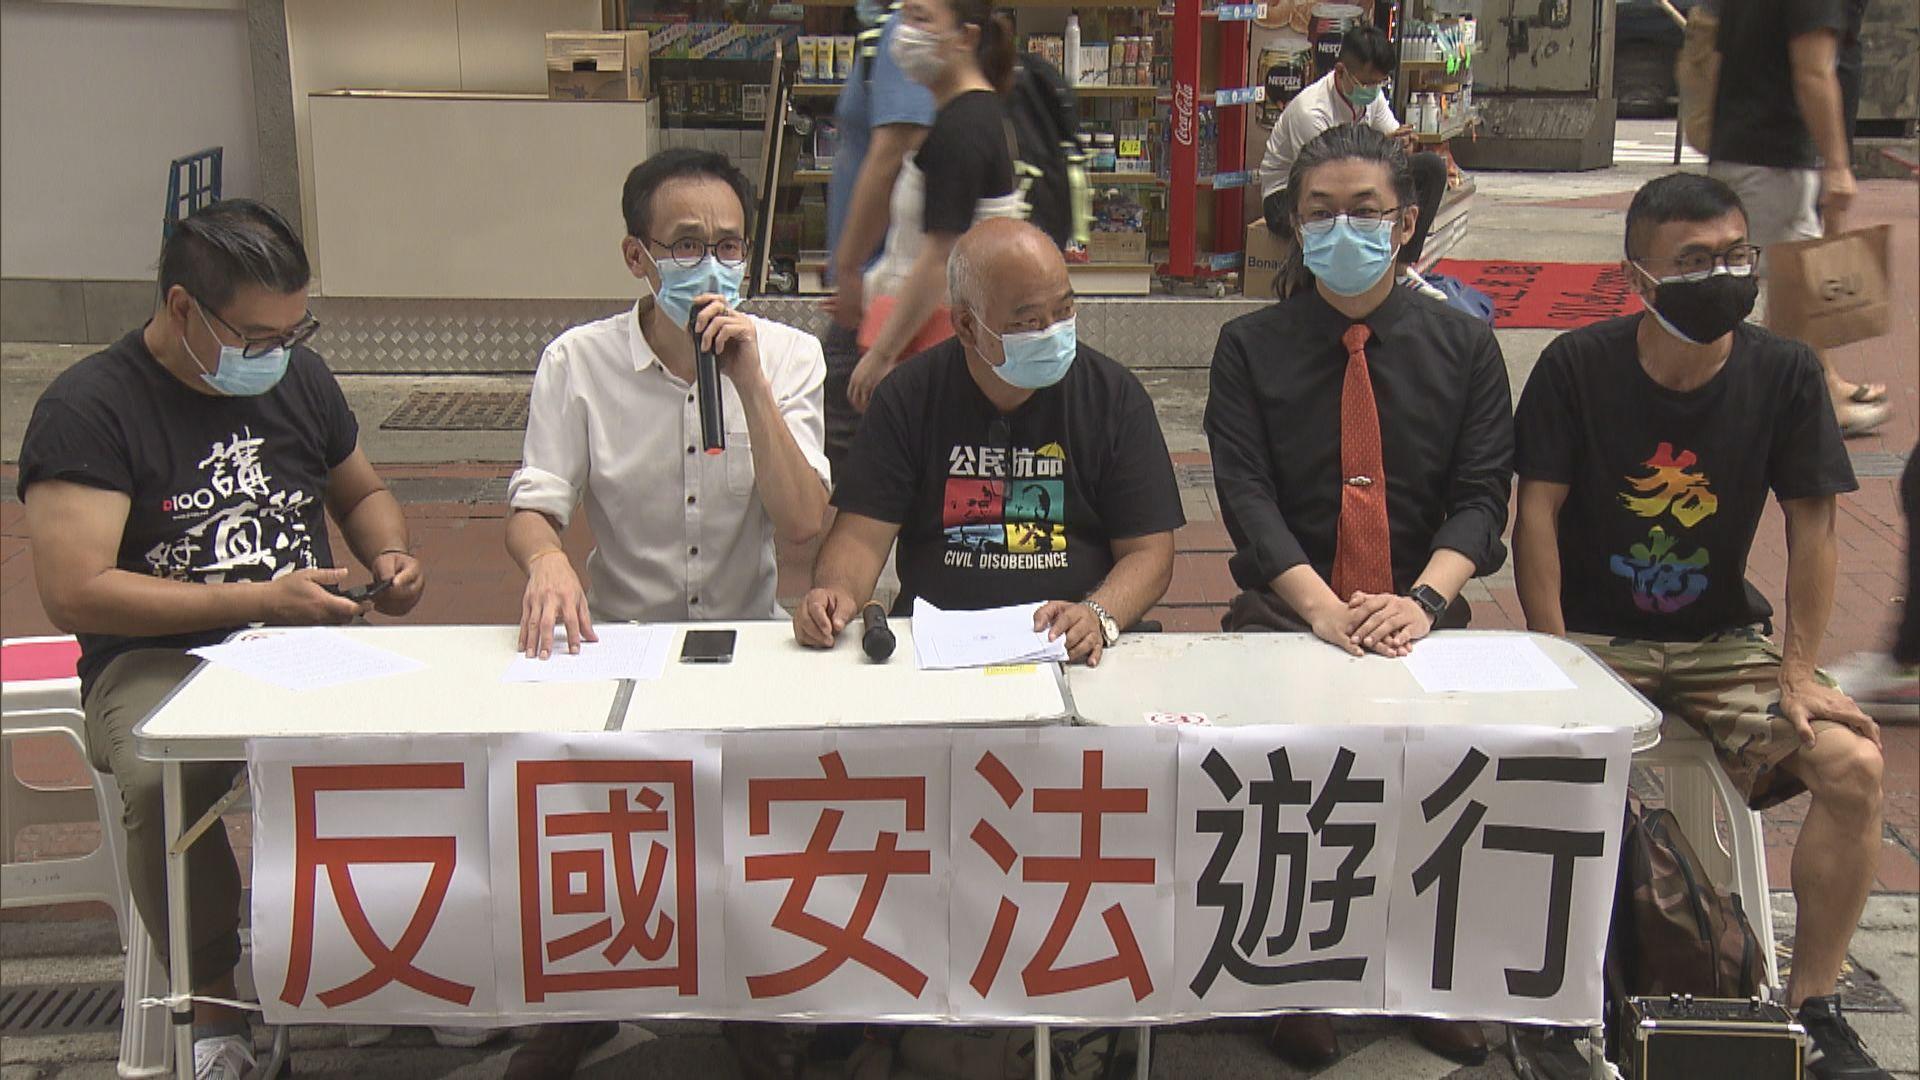 多名區議員計劃周日及七一舉行遊行反國安法